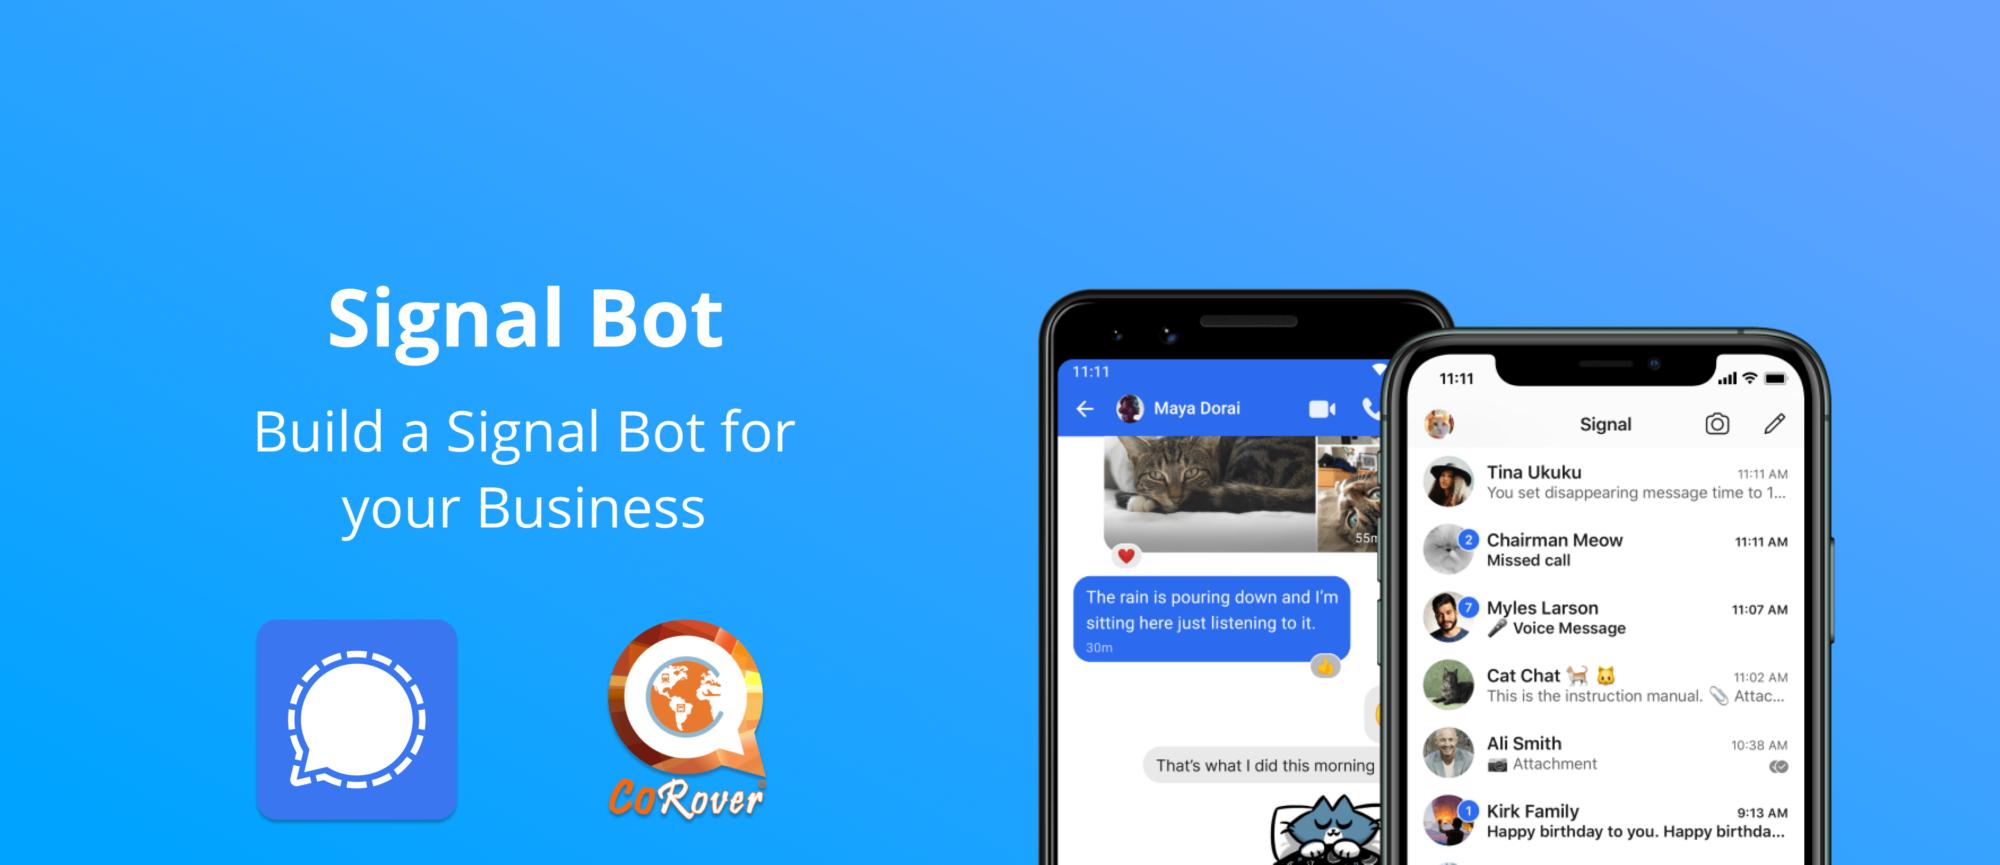 Signal Bot